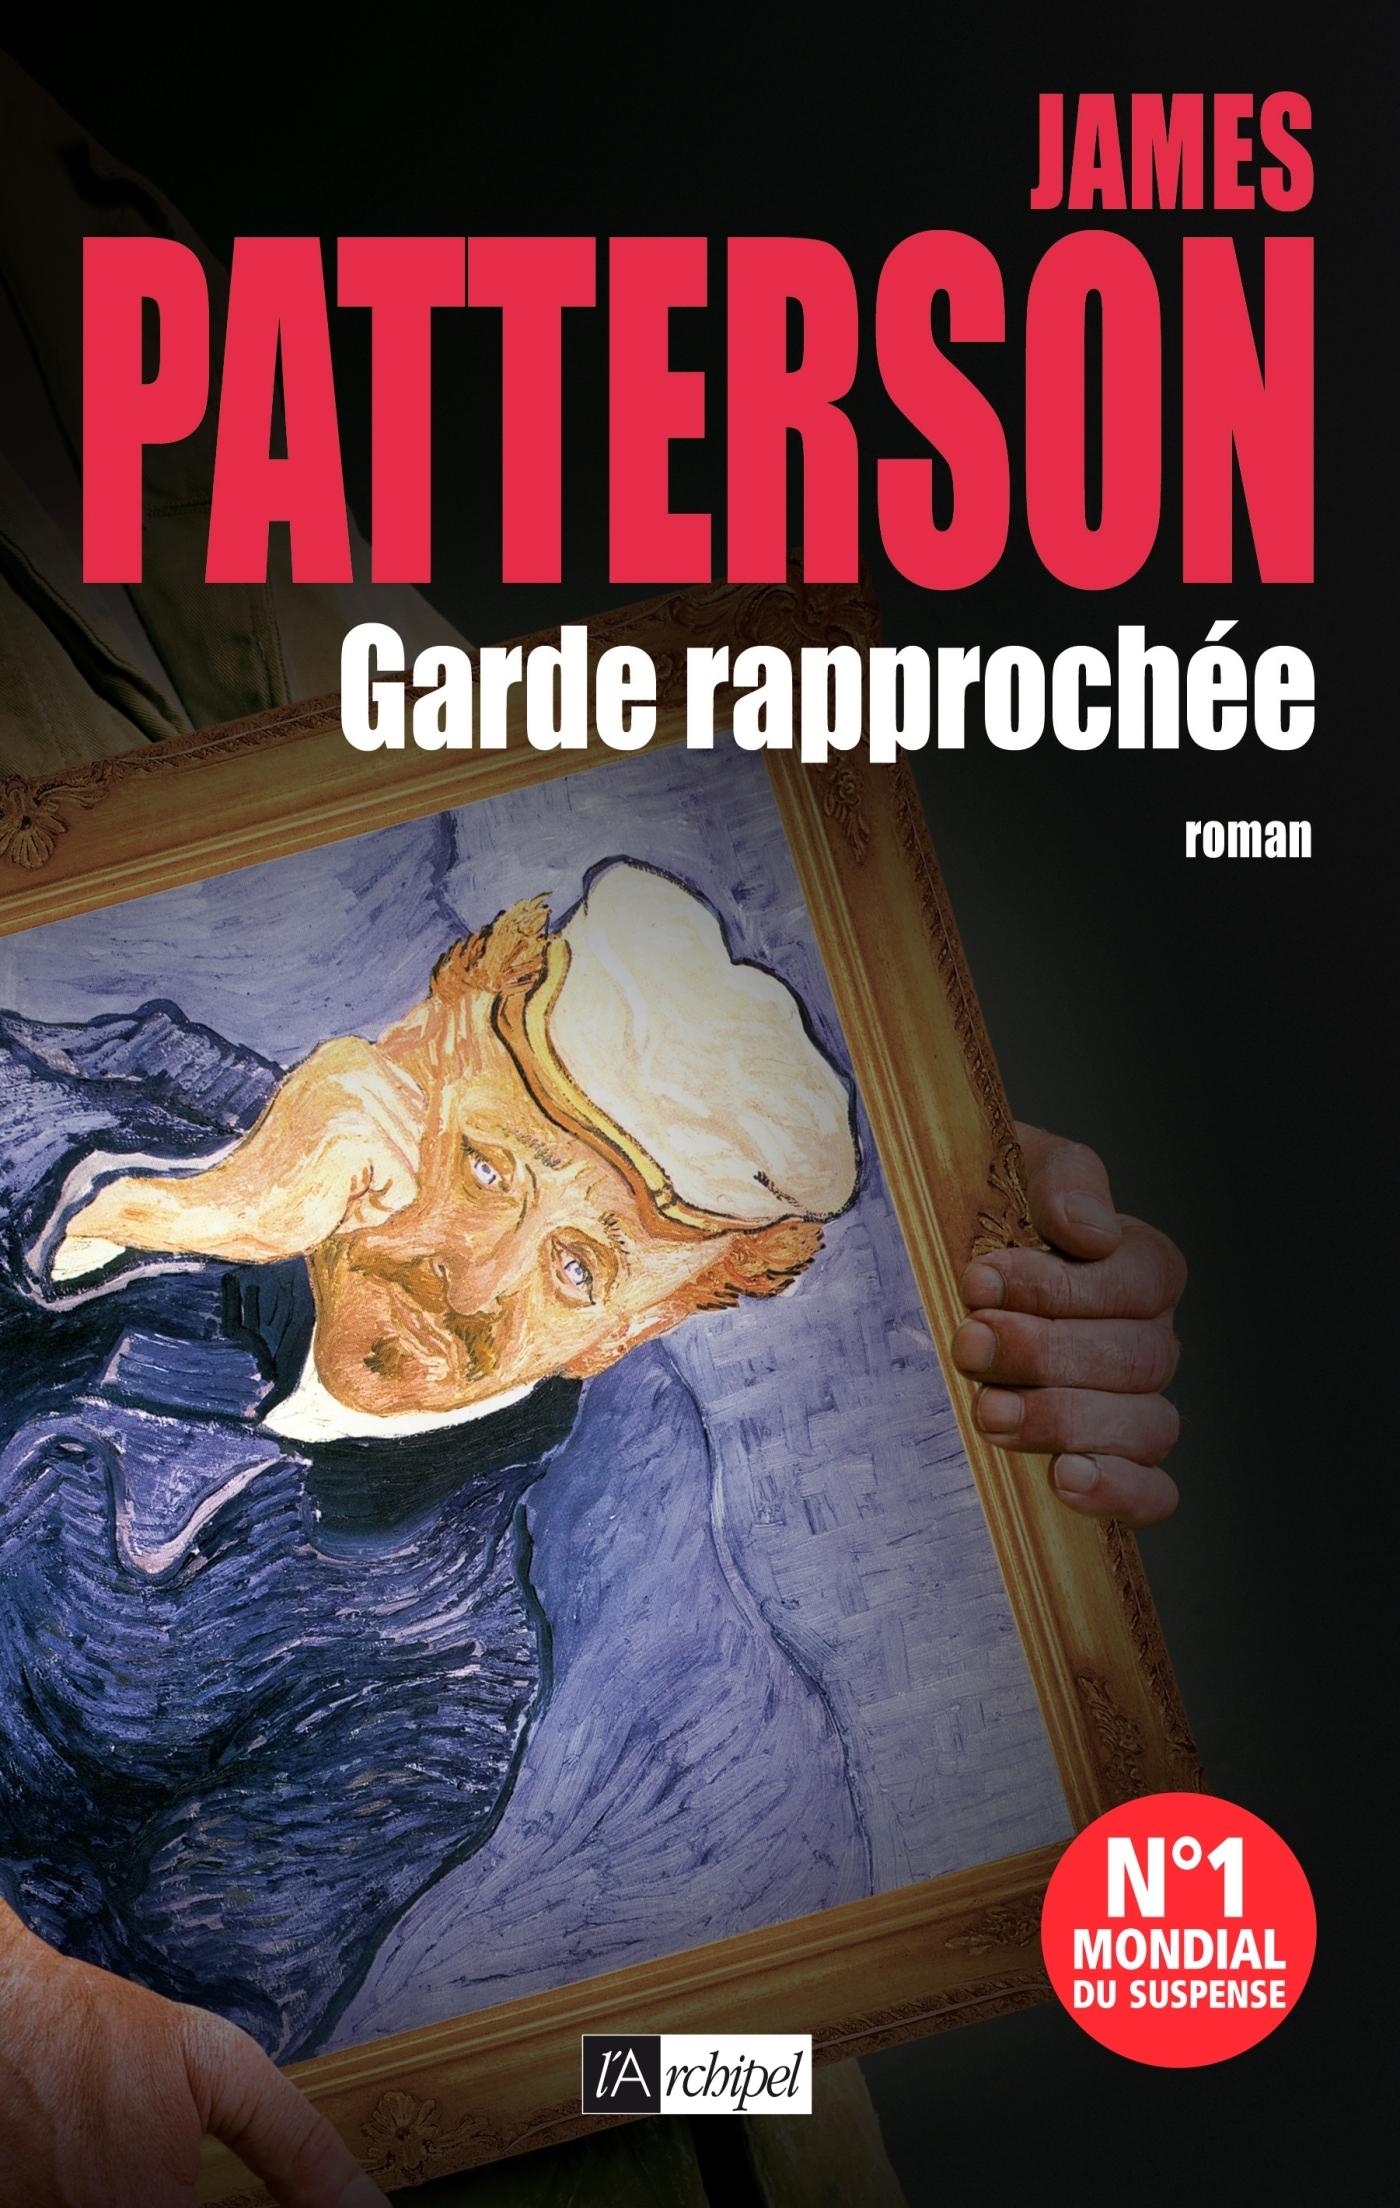 GARDE RAPPROCHEE